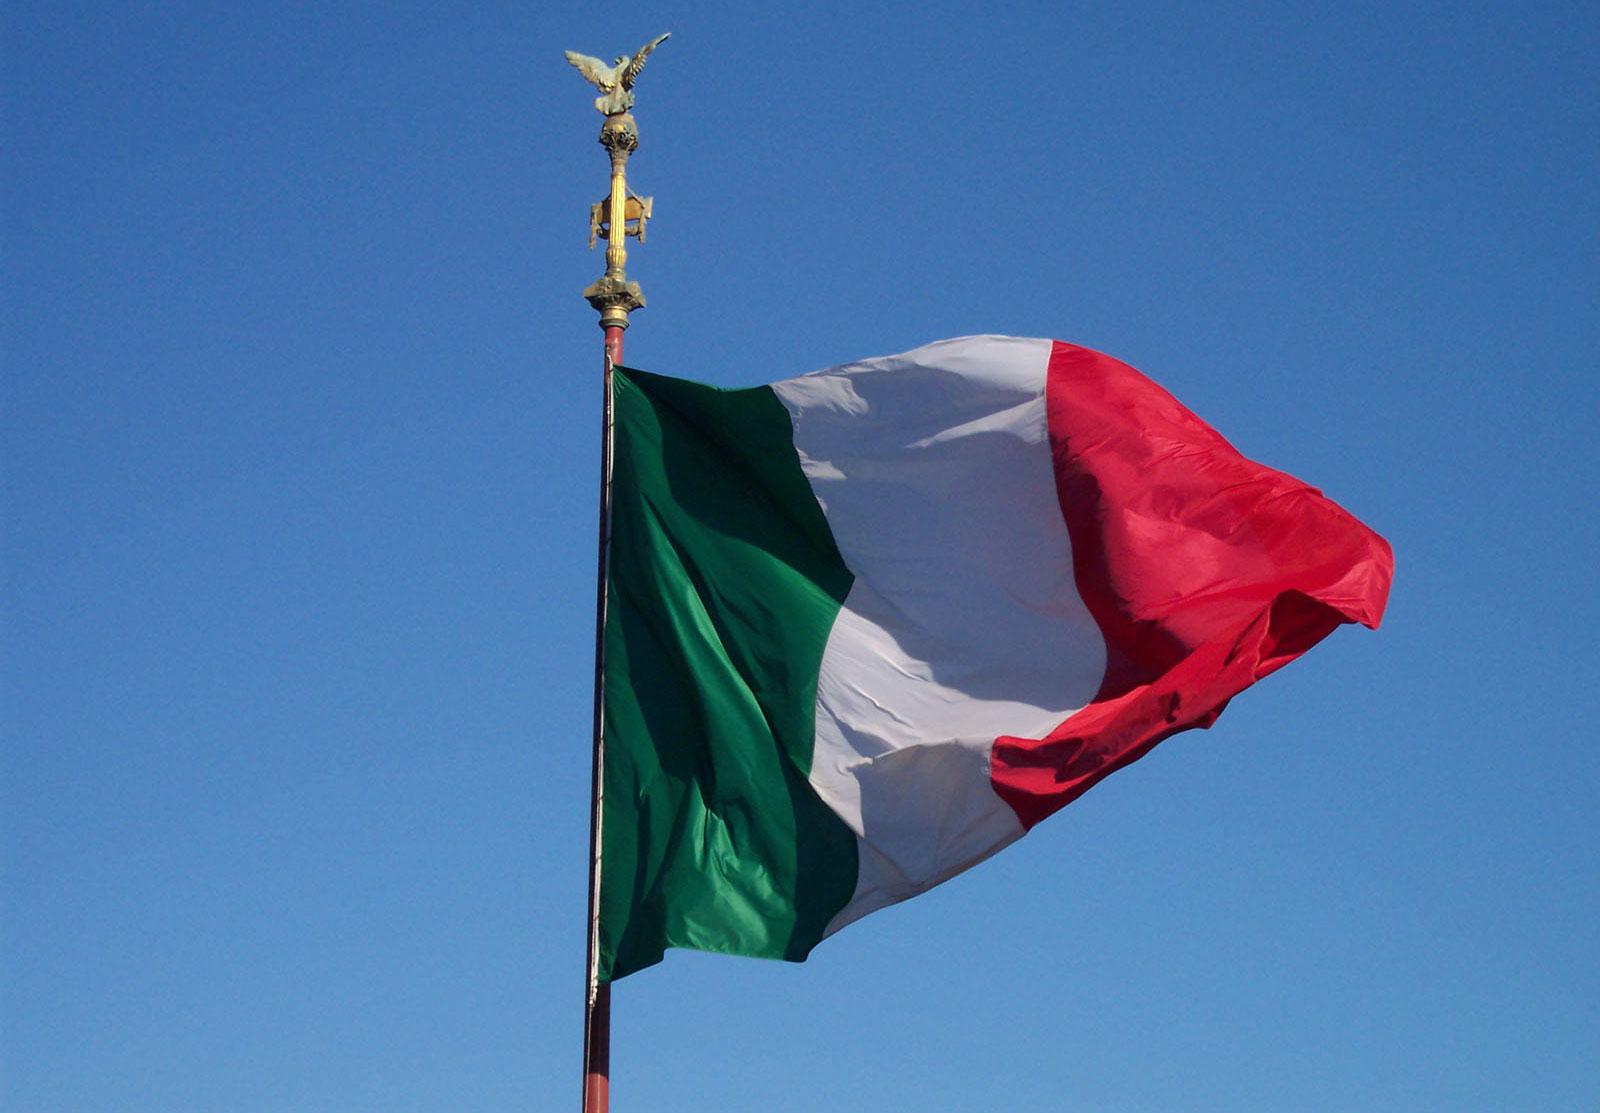 Miane, marocchino non sa italiano: niente cittadinanza